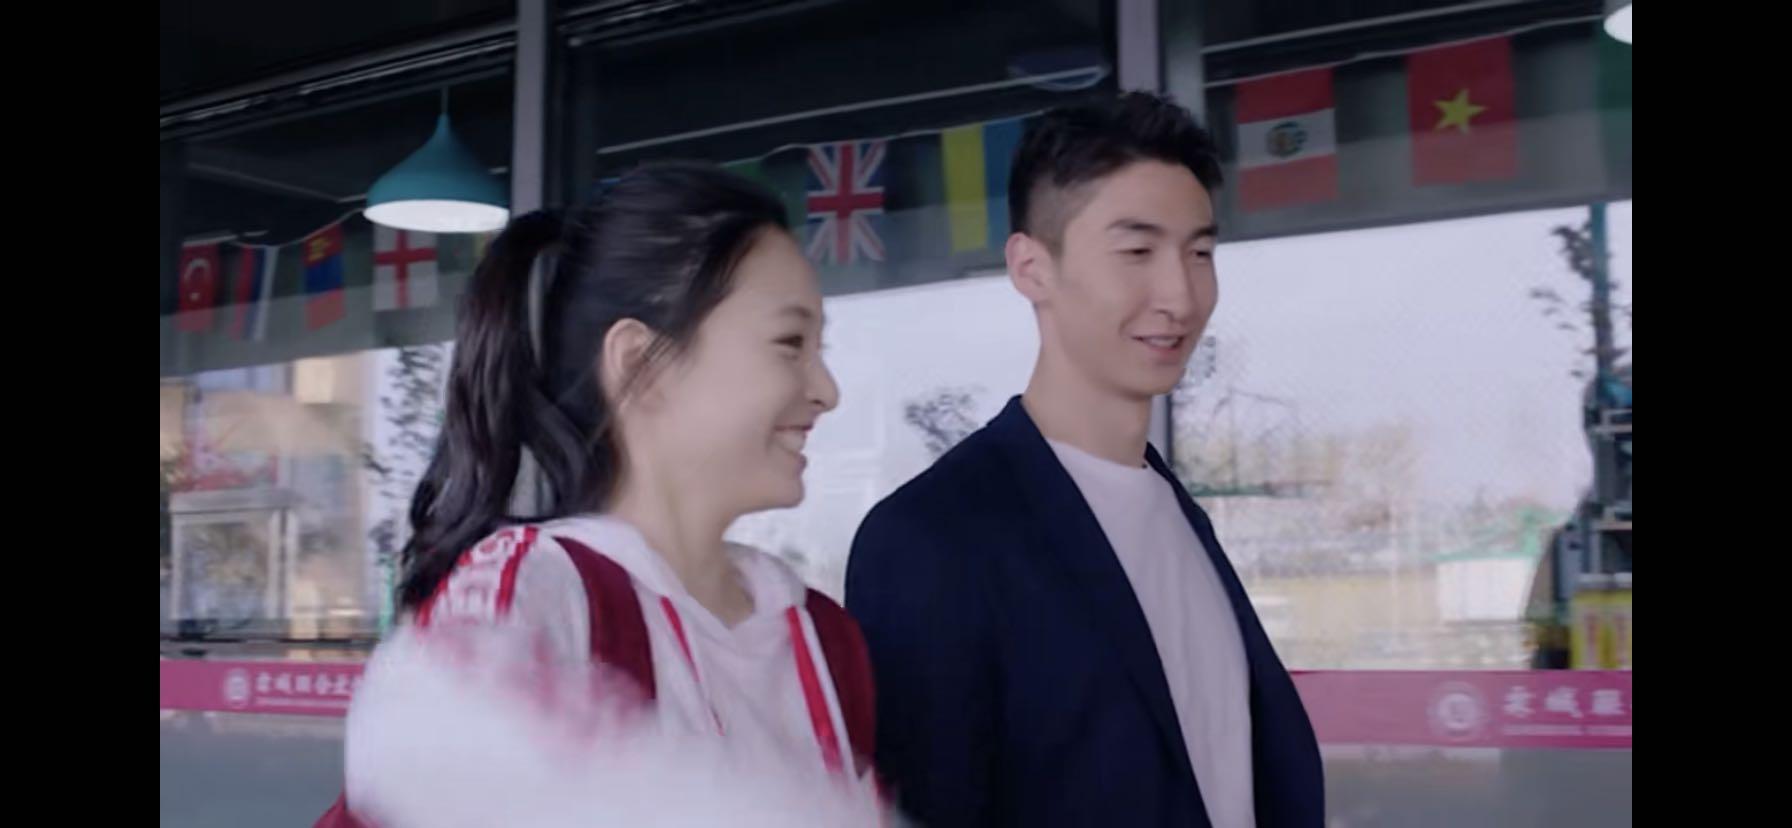 《冰糖炖雪梨》武大靖演自己,演技自然并获赞,而且超级搞笑